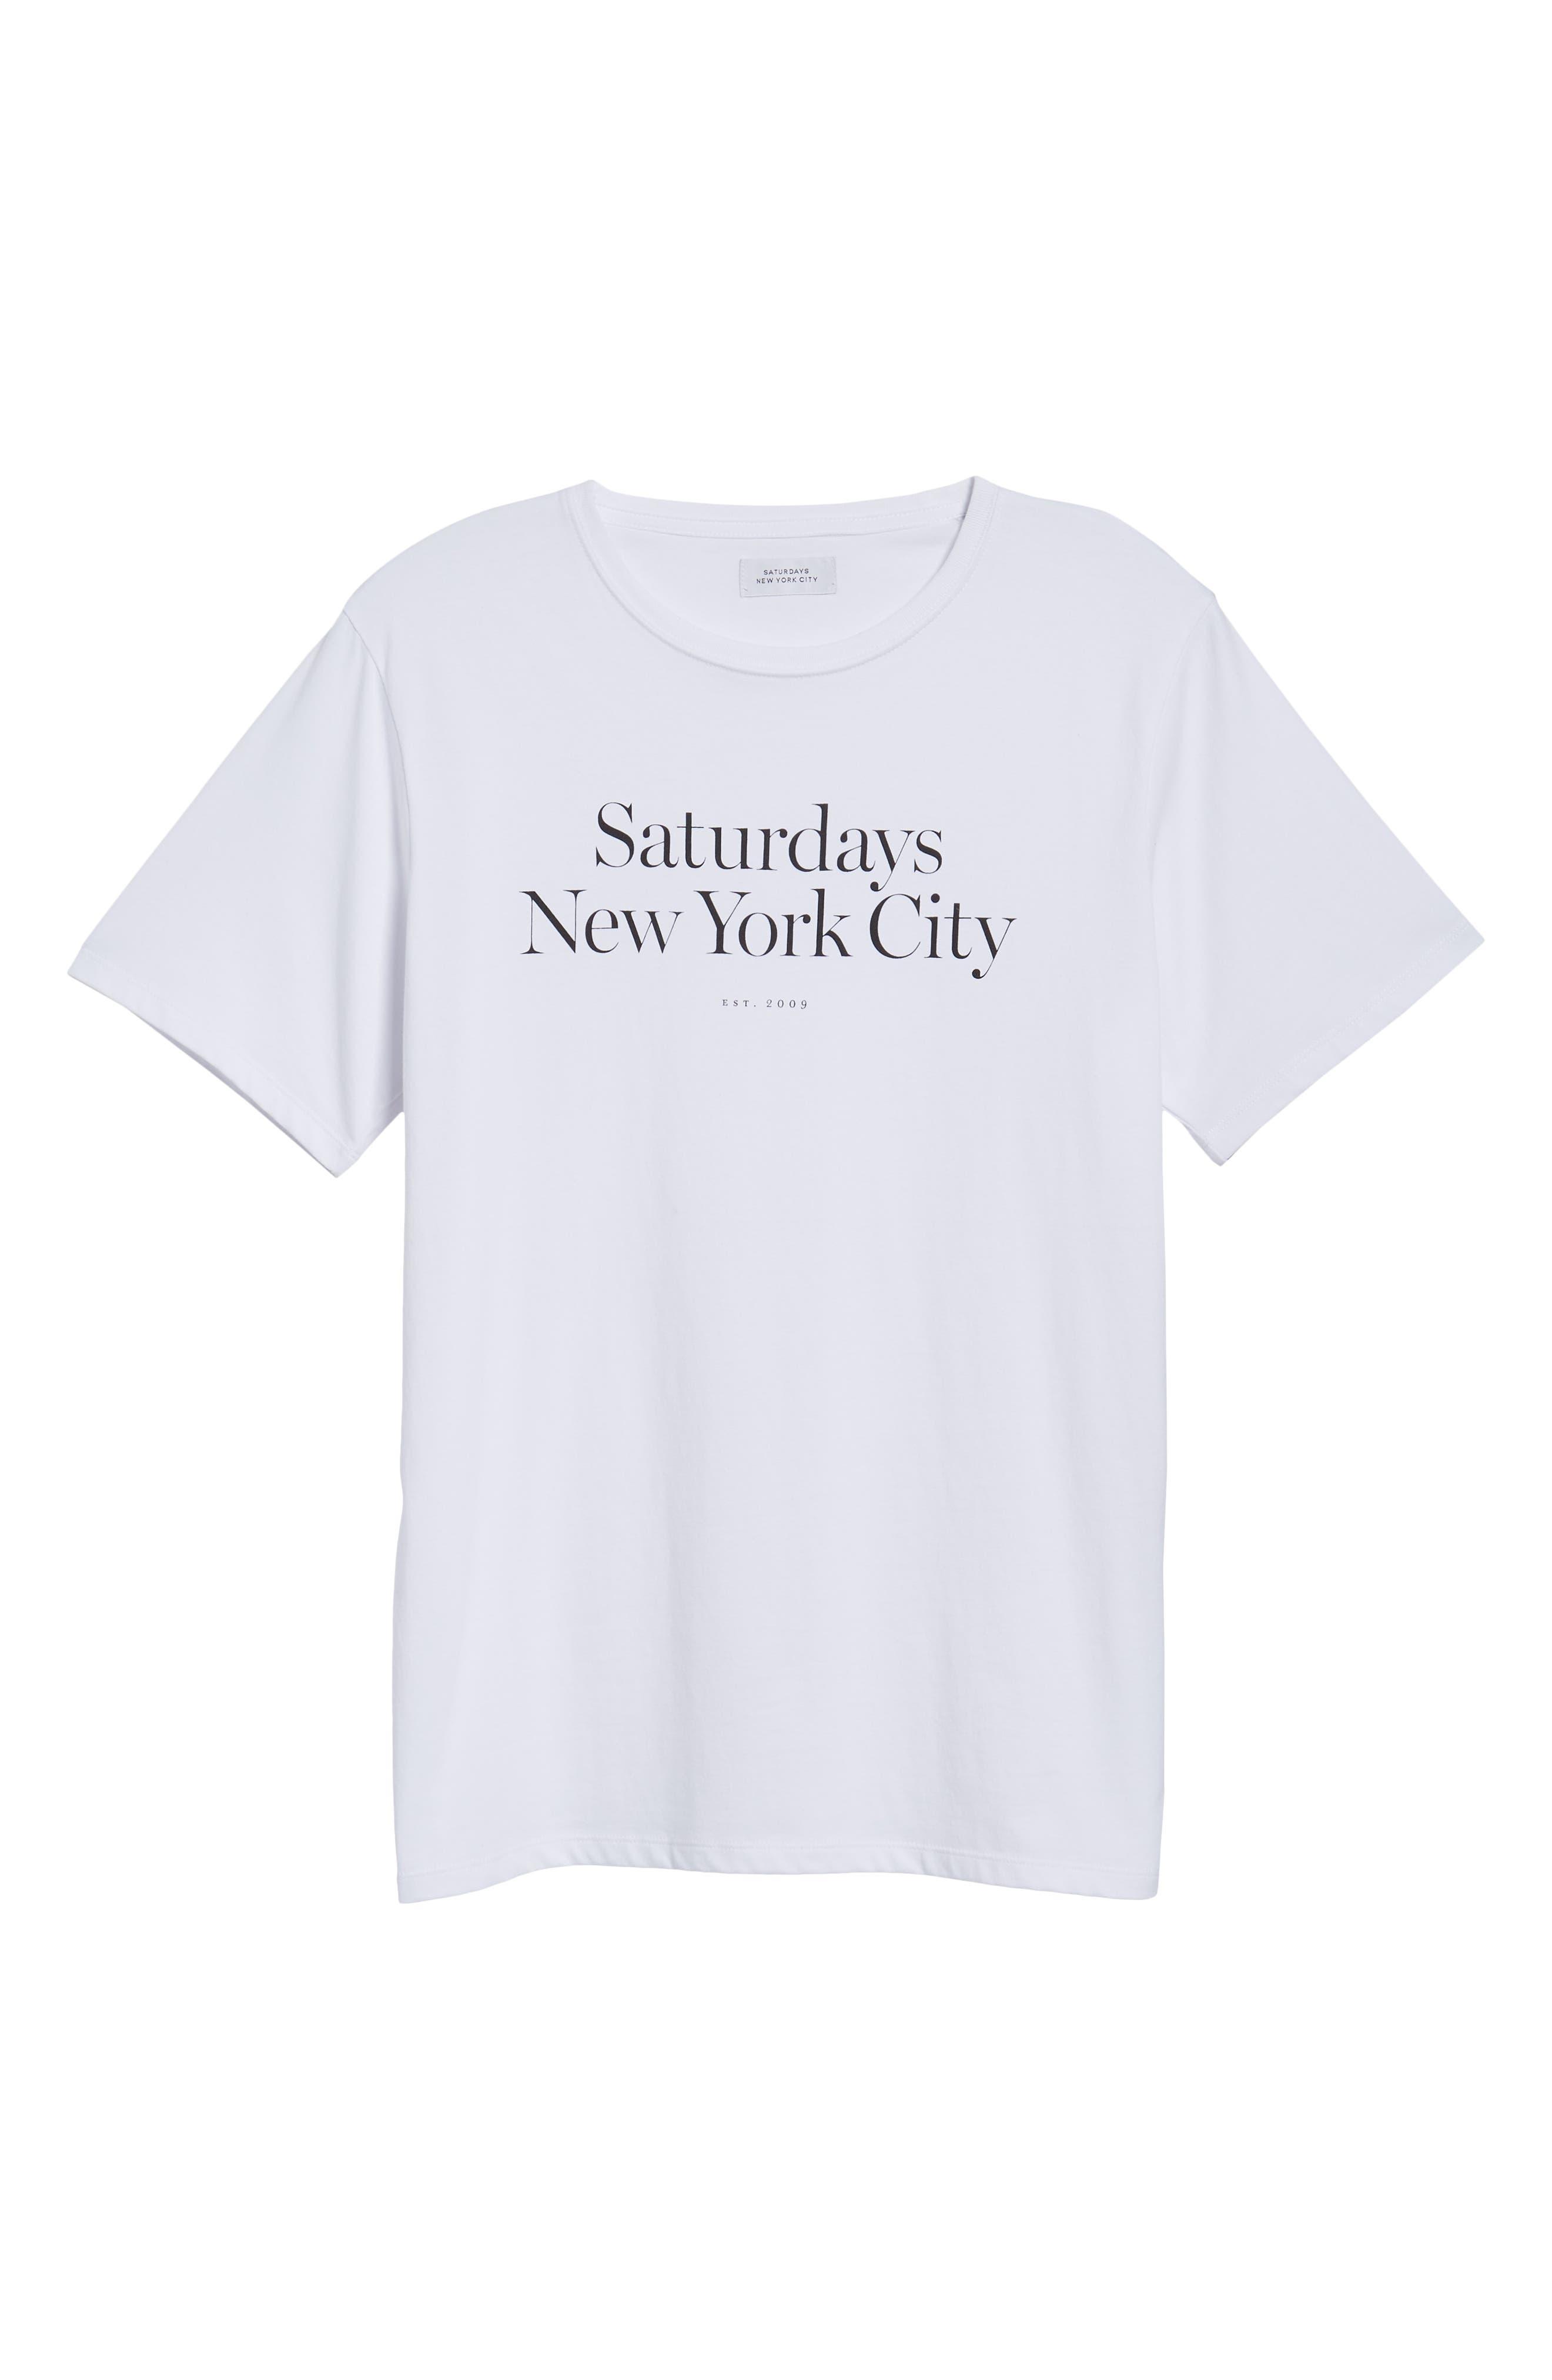 Miller Standard T-Shirt,                             Alternate thumbnail 6, color,                             White